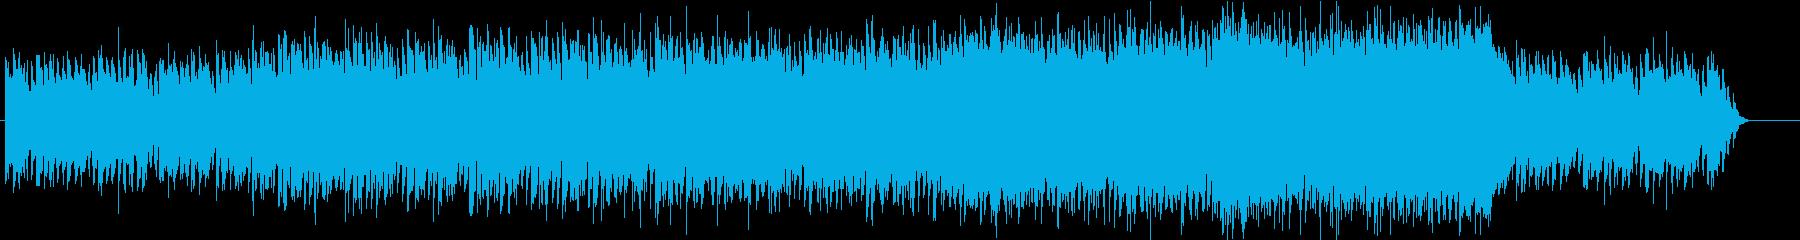 ケルト調ファンタジーオーケストラ・三拍子の再生済みの波形